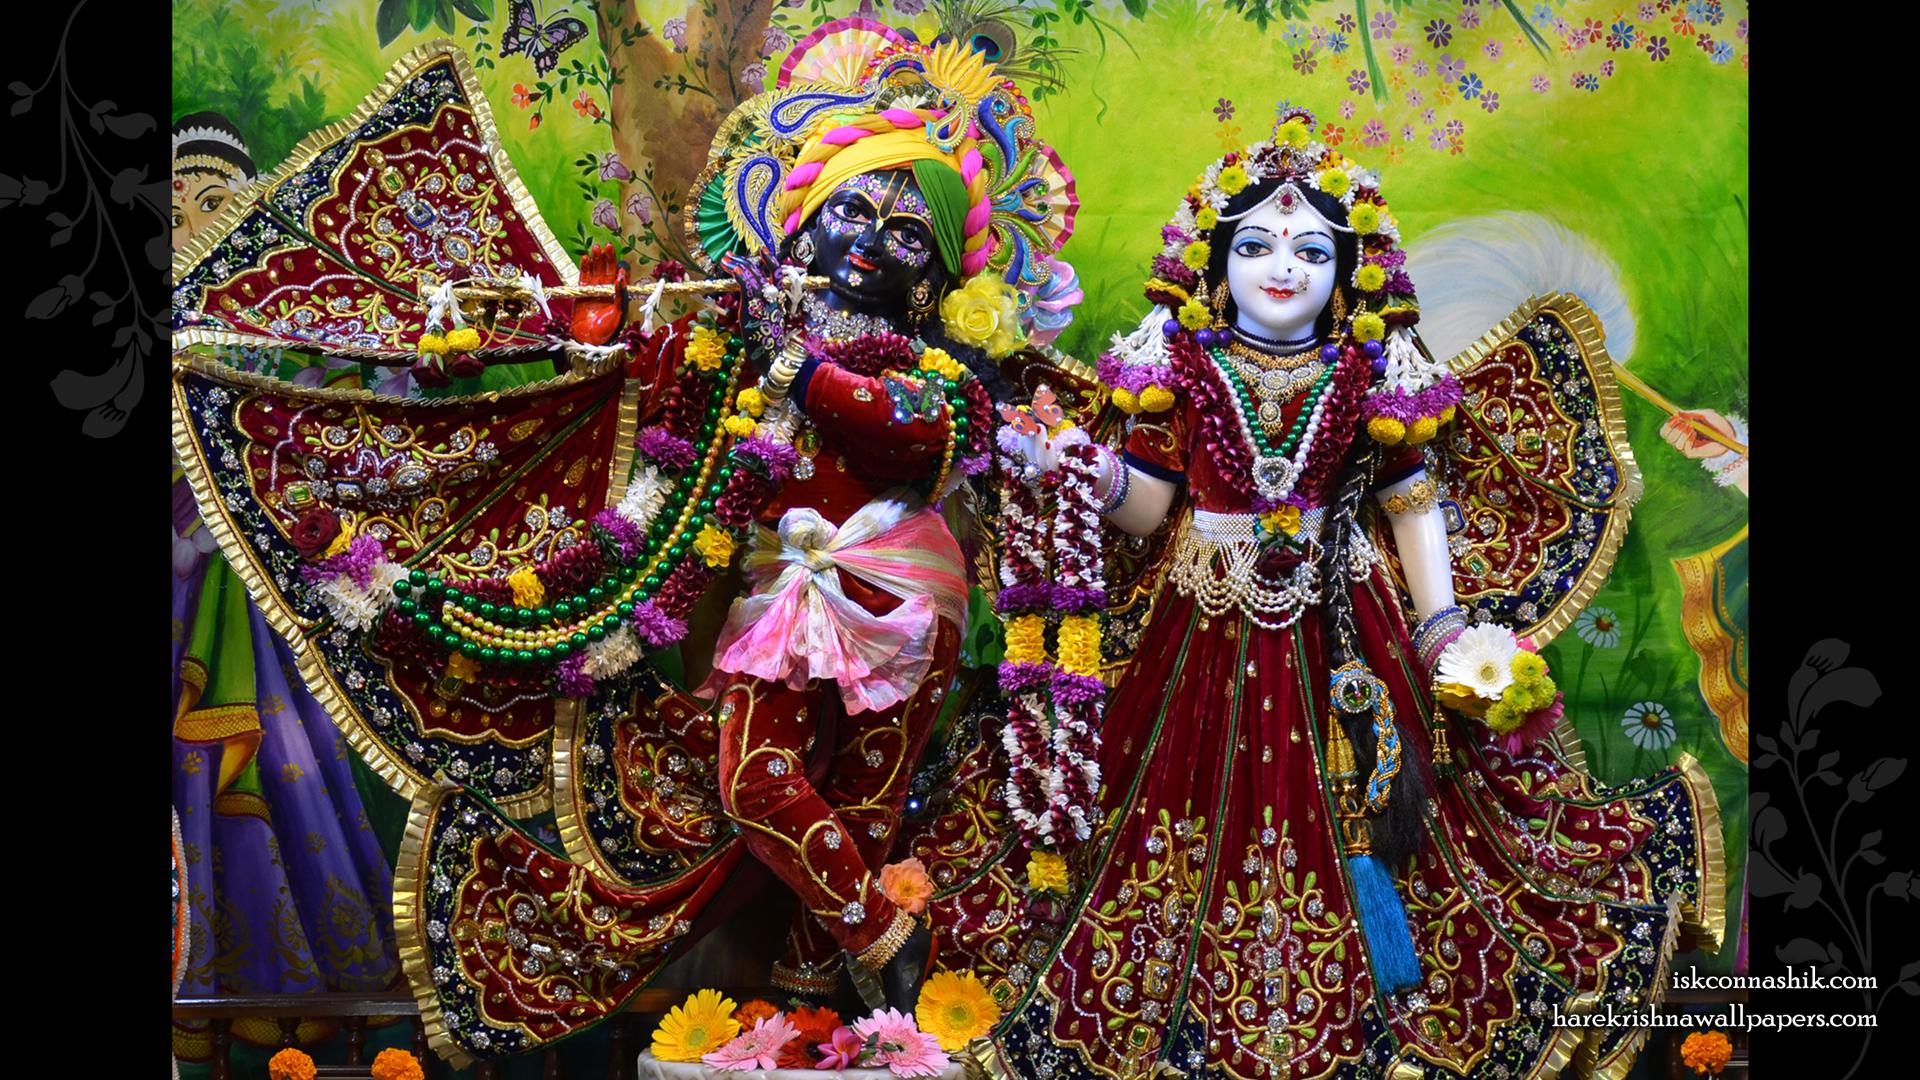 Sri Sri Radha Madan Gopal Wallpaper (020) Size 1920x1080 Download